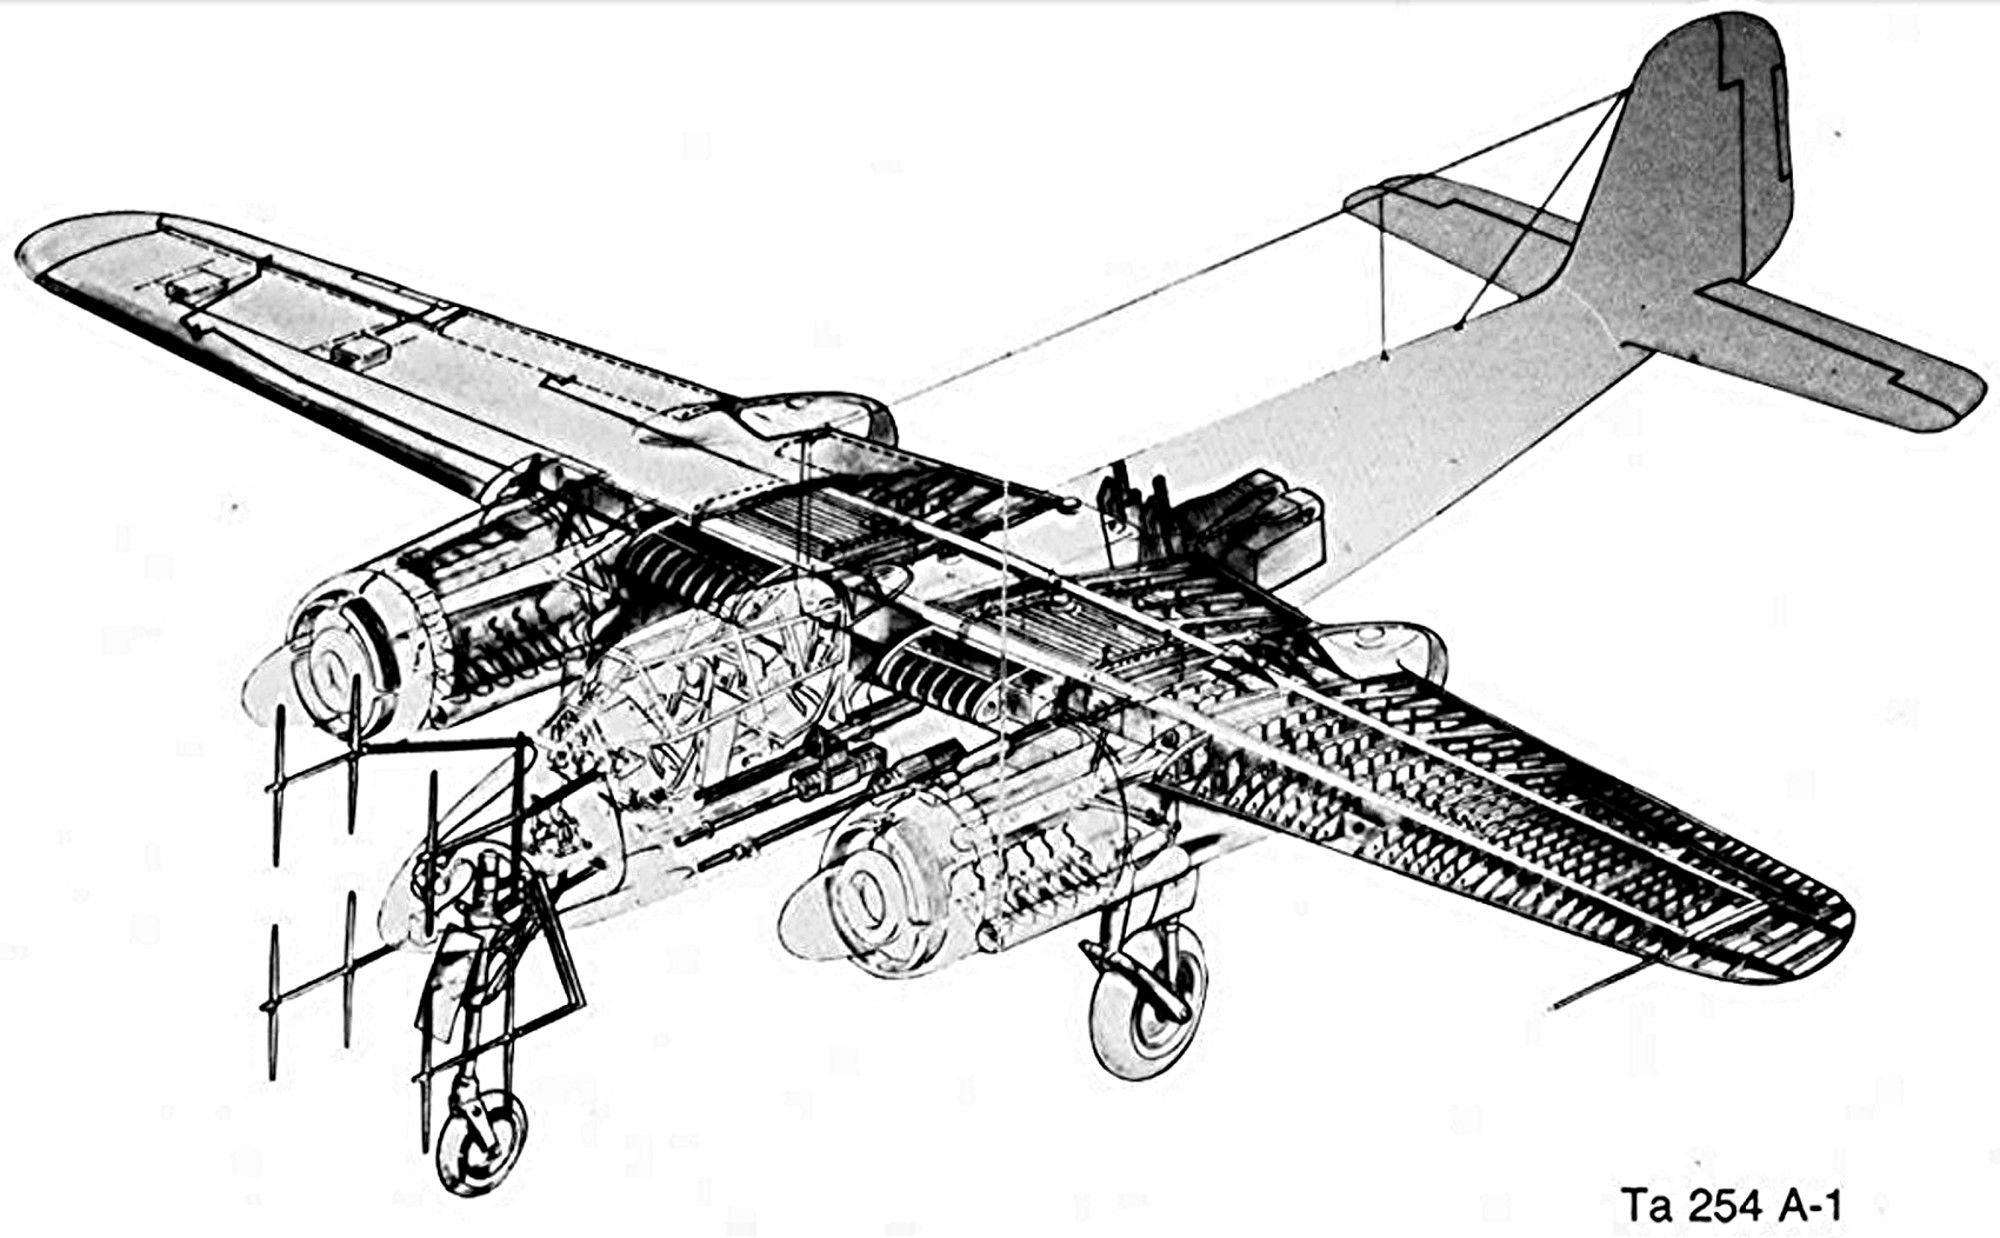 Ta 154 A-1  W.Nr. 160791 codé 4R+GN de la 5/NJG-2  (Revell & Verlinden 1/48) - Page 2 Focke-wulf-ta-154-cutaway-jpg